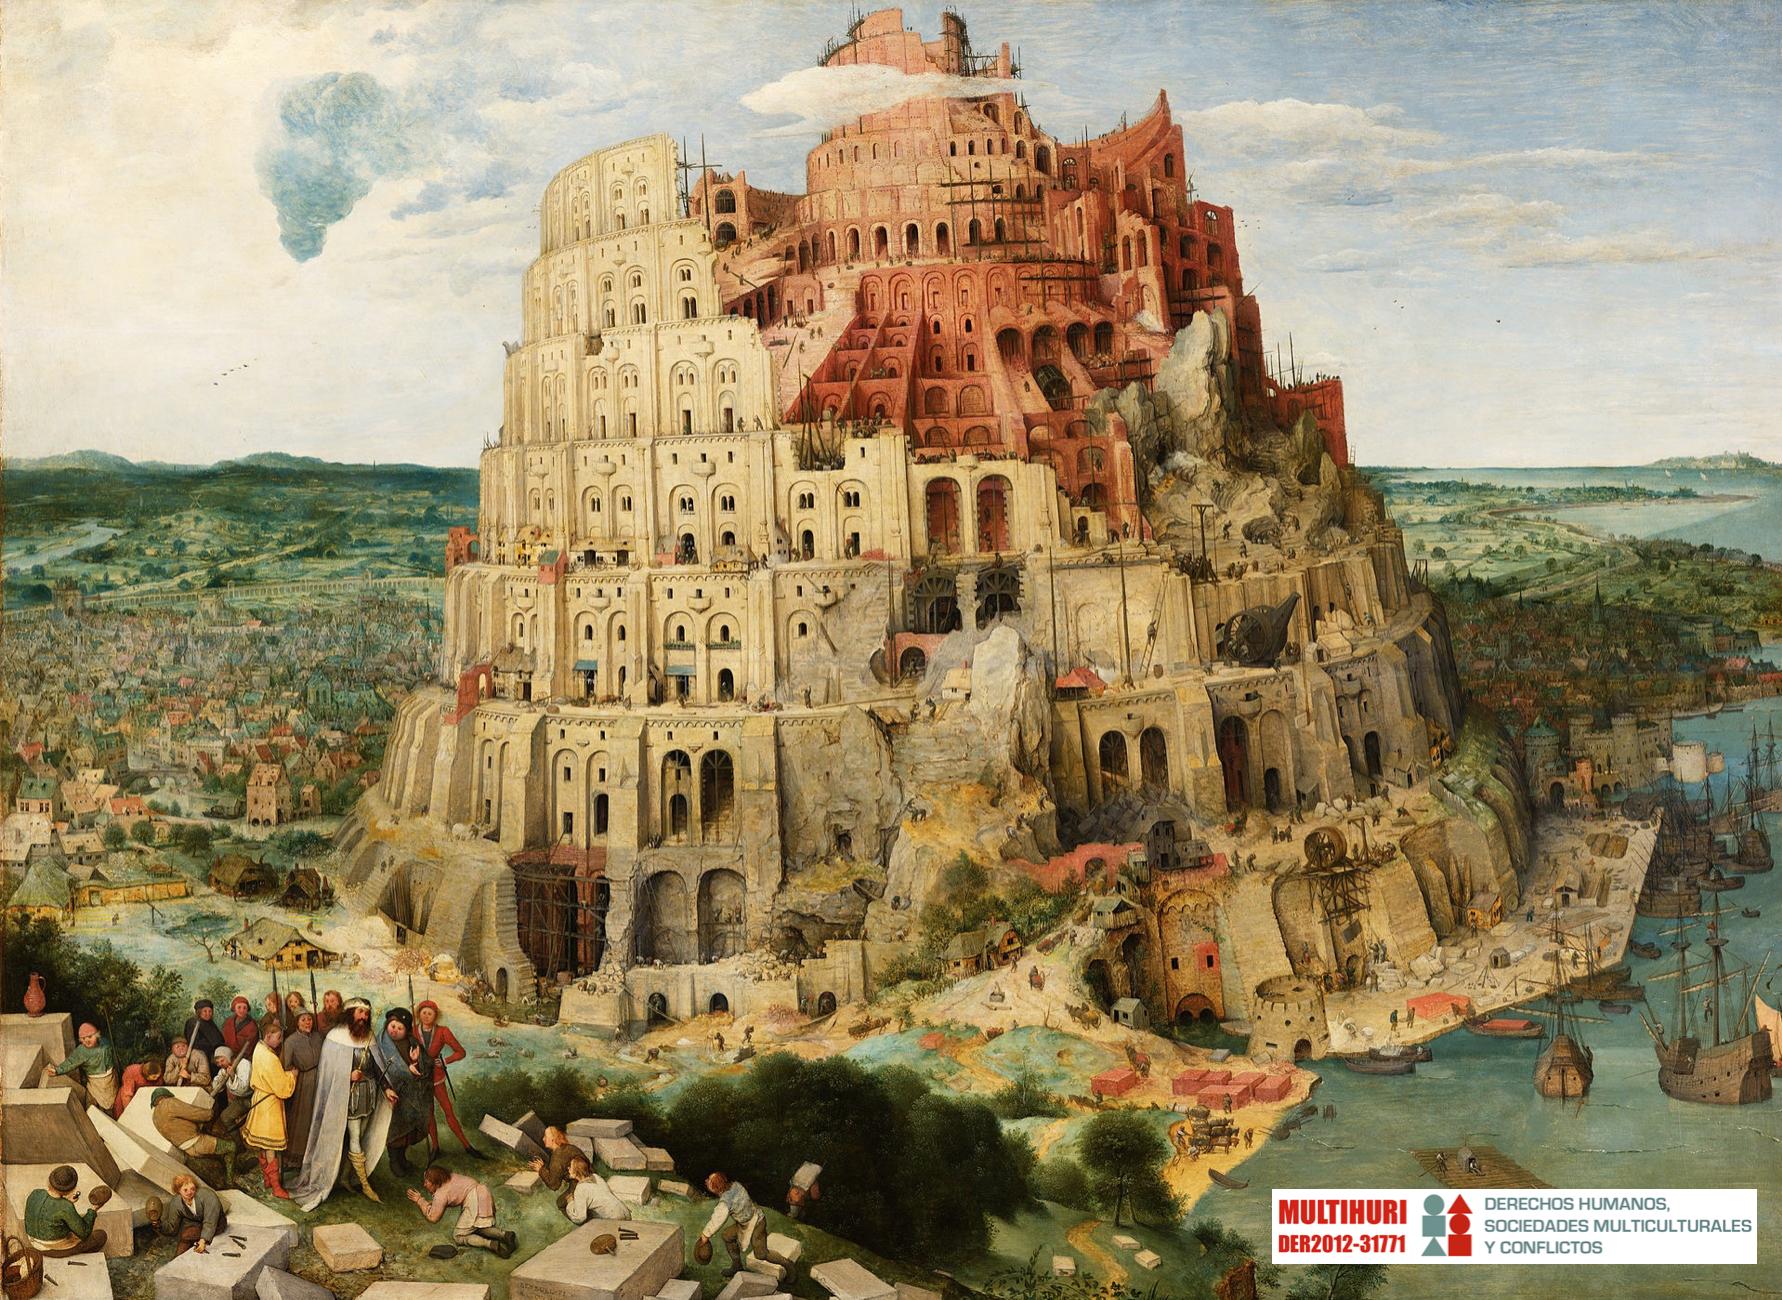 Diversité culturelle et conflits dans l'Union européenne